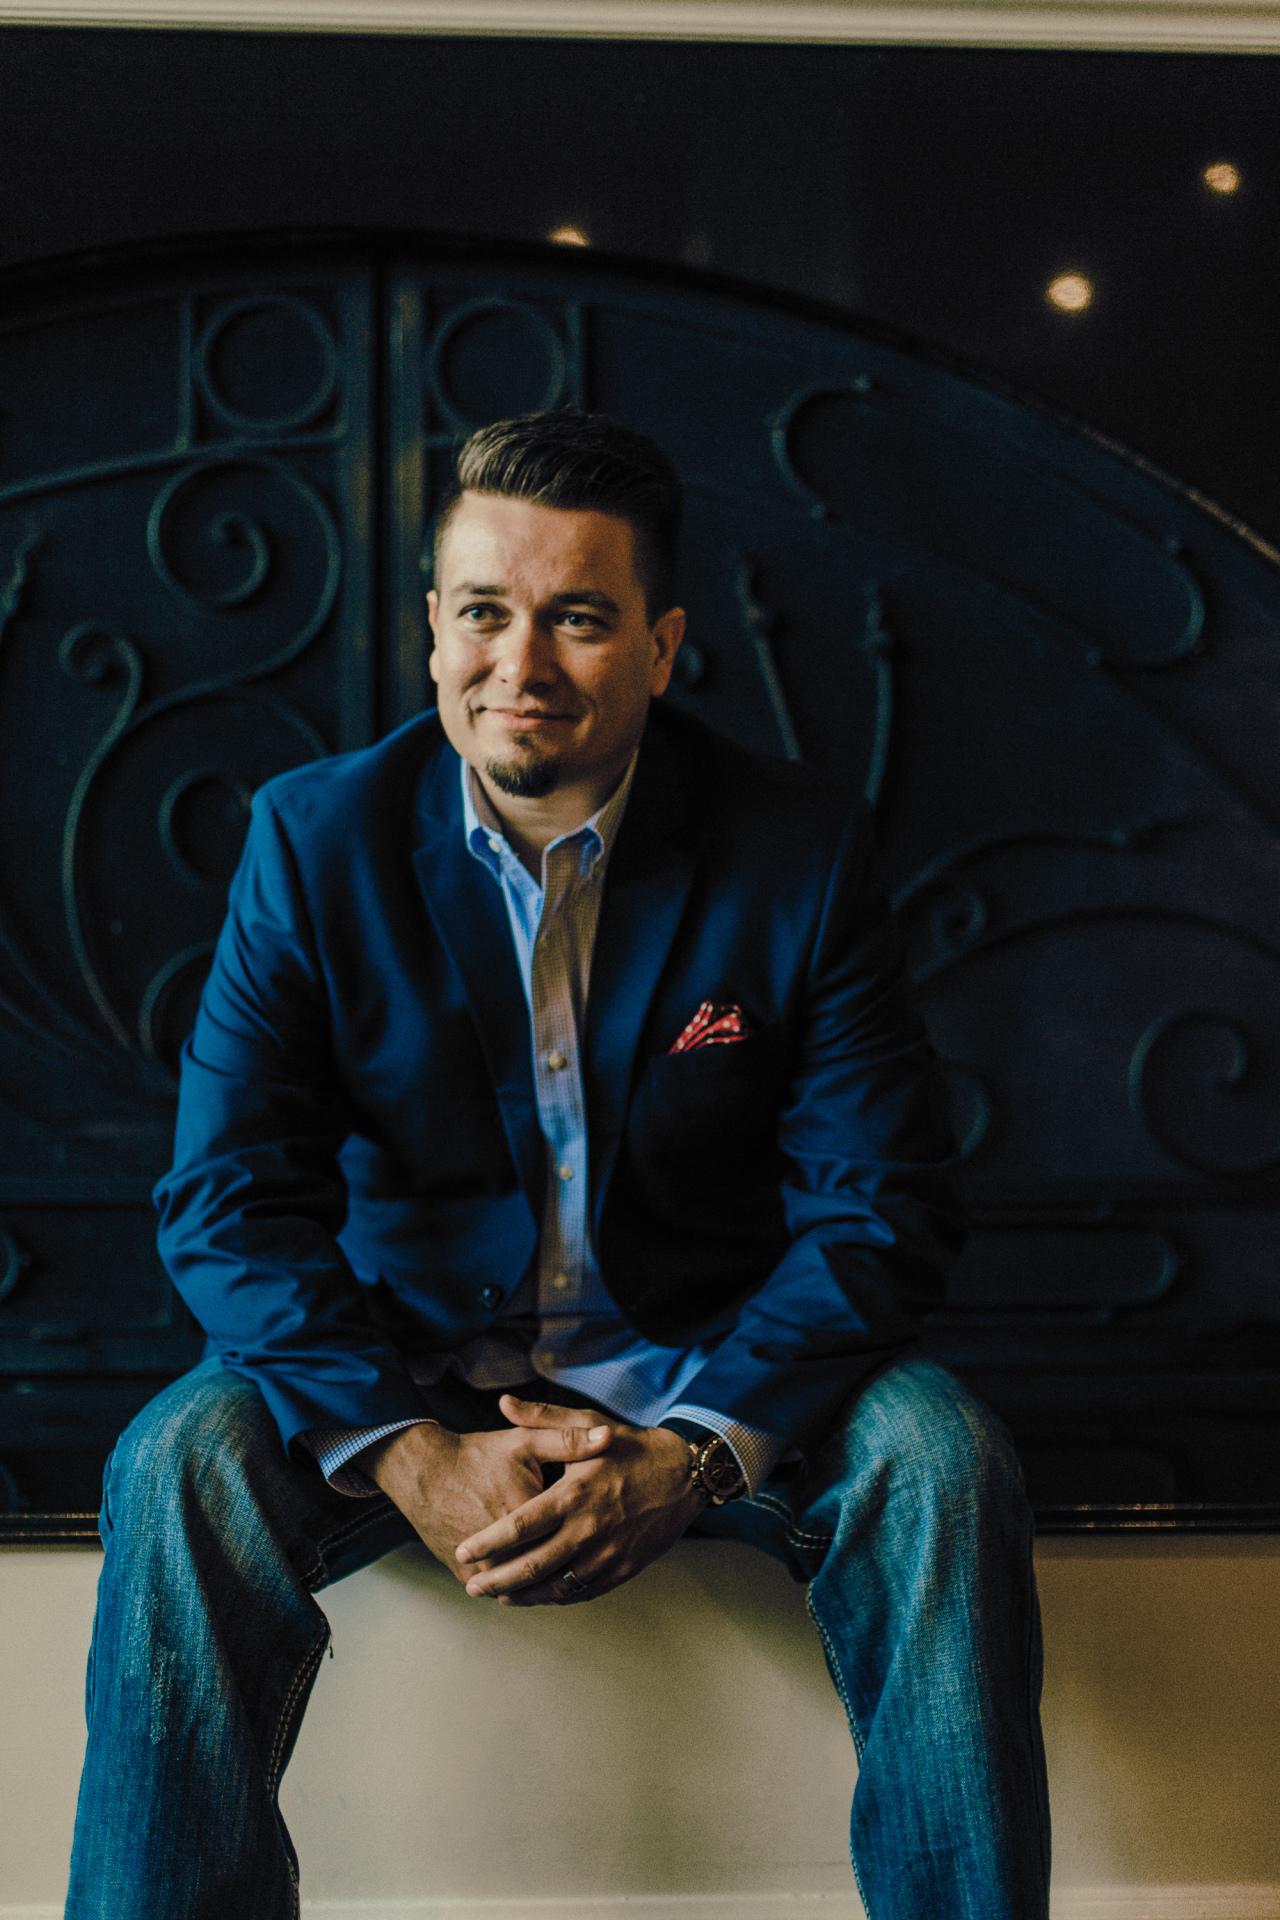 Jeremy Cato Music, Jeremy Cato Southern Gospel Music Artist